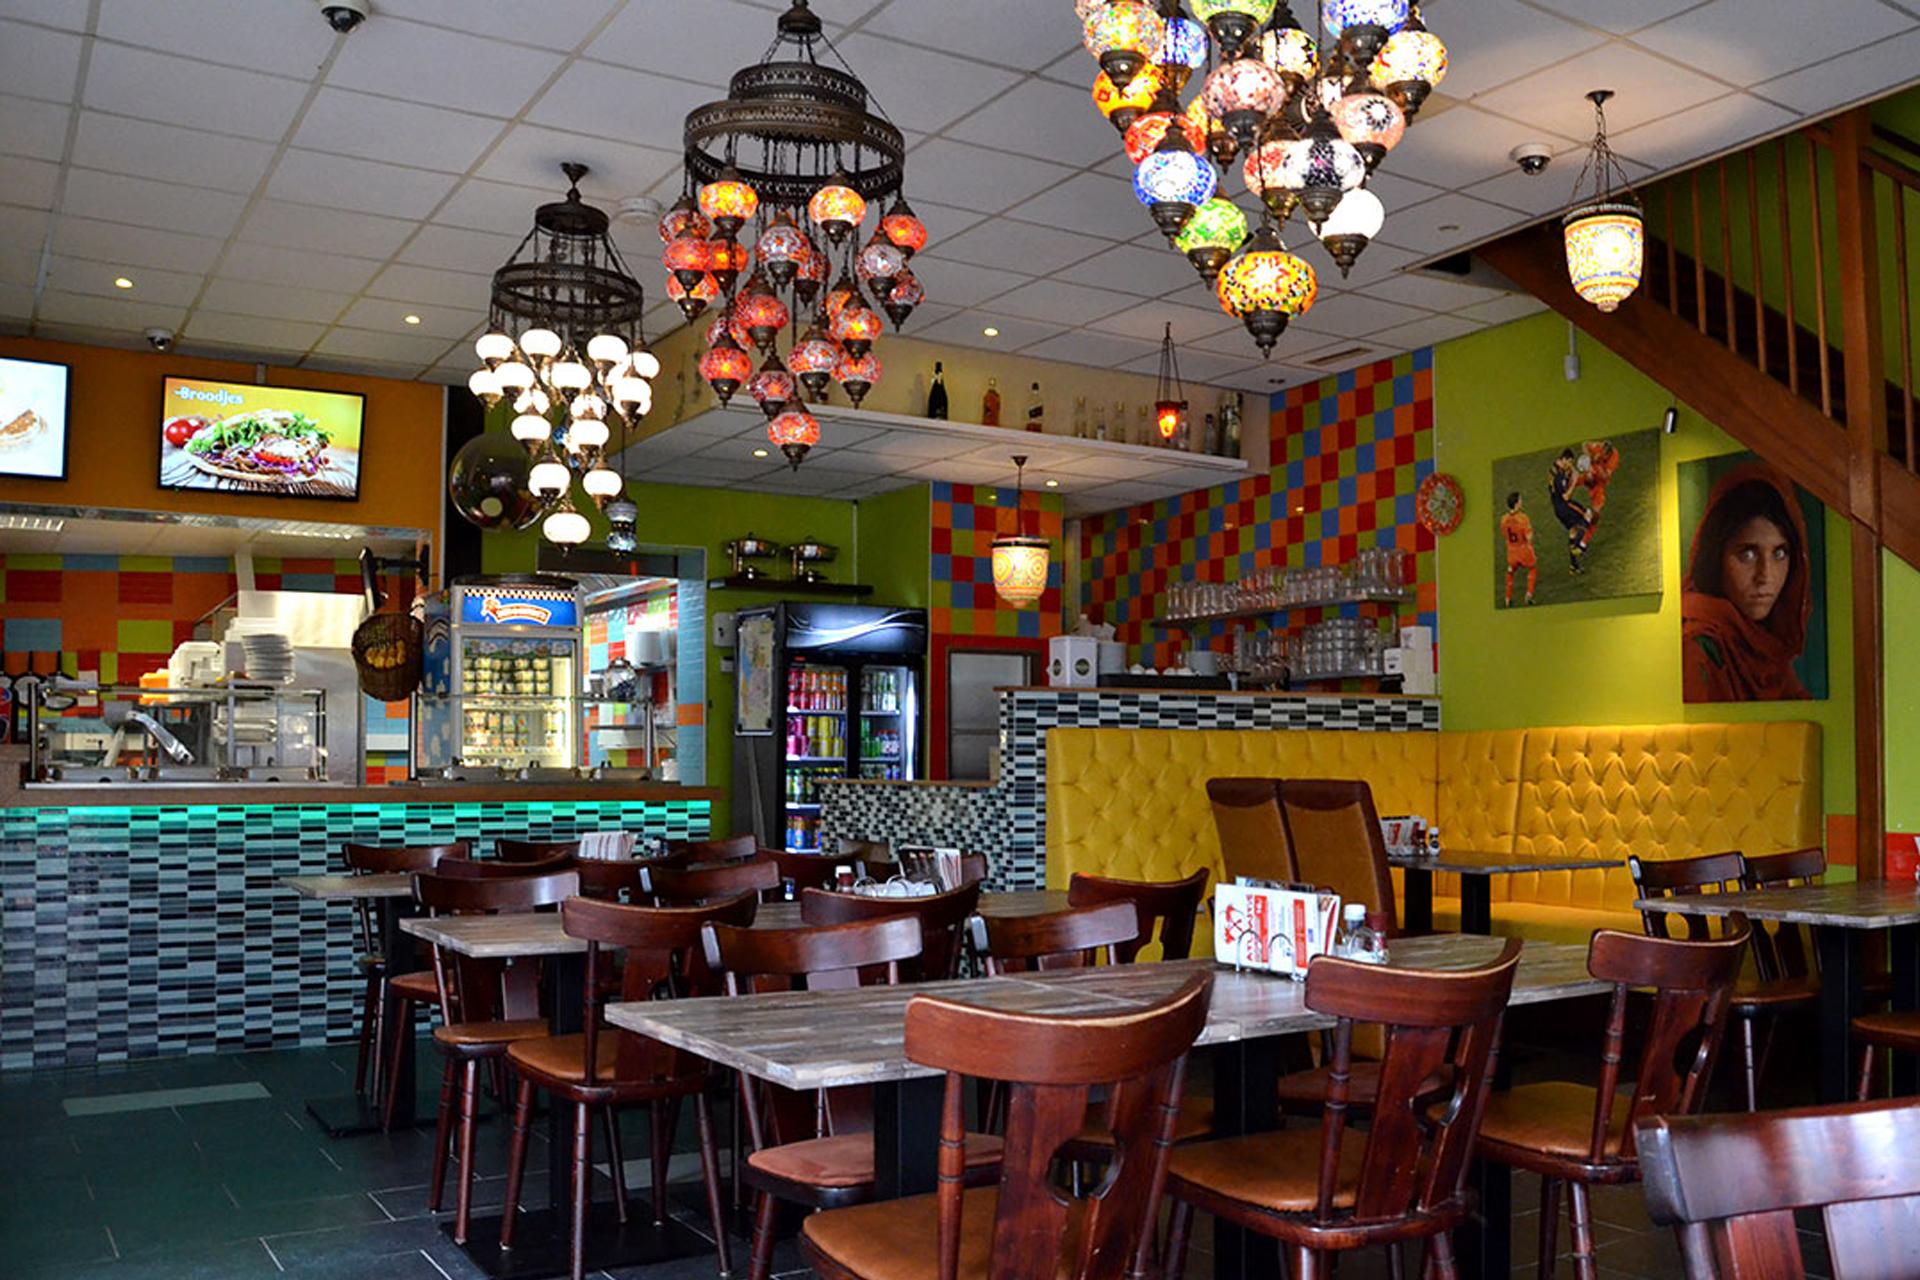 Grillroom Atlantis binnen in het restaurant